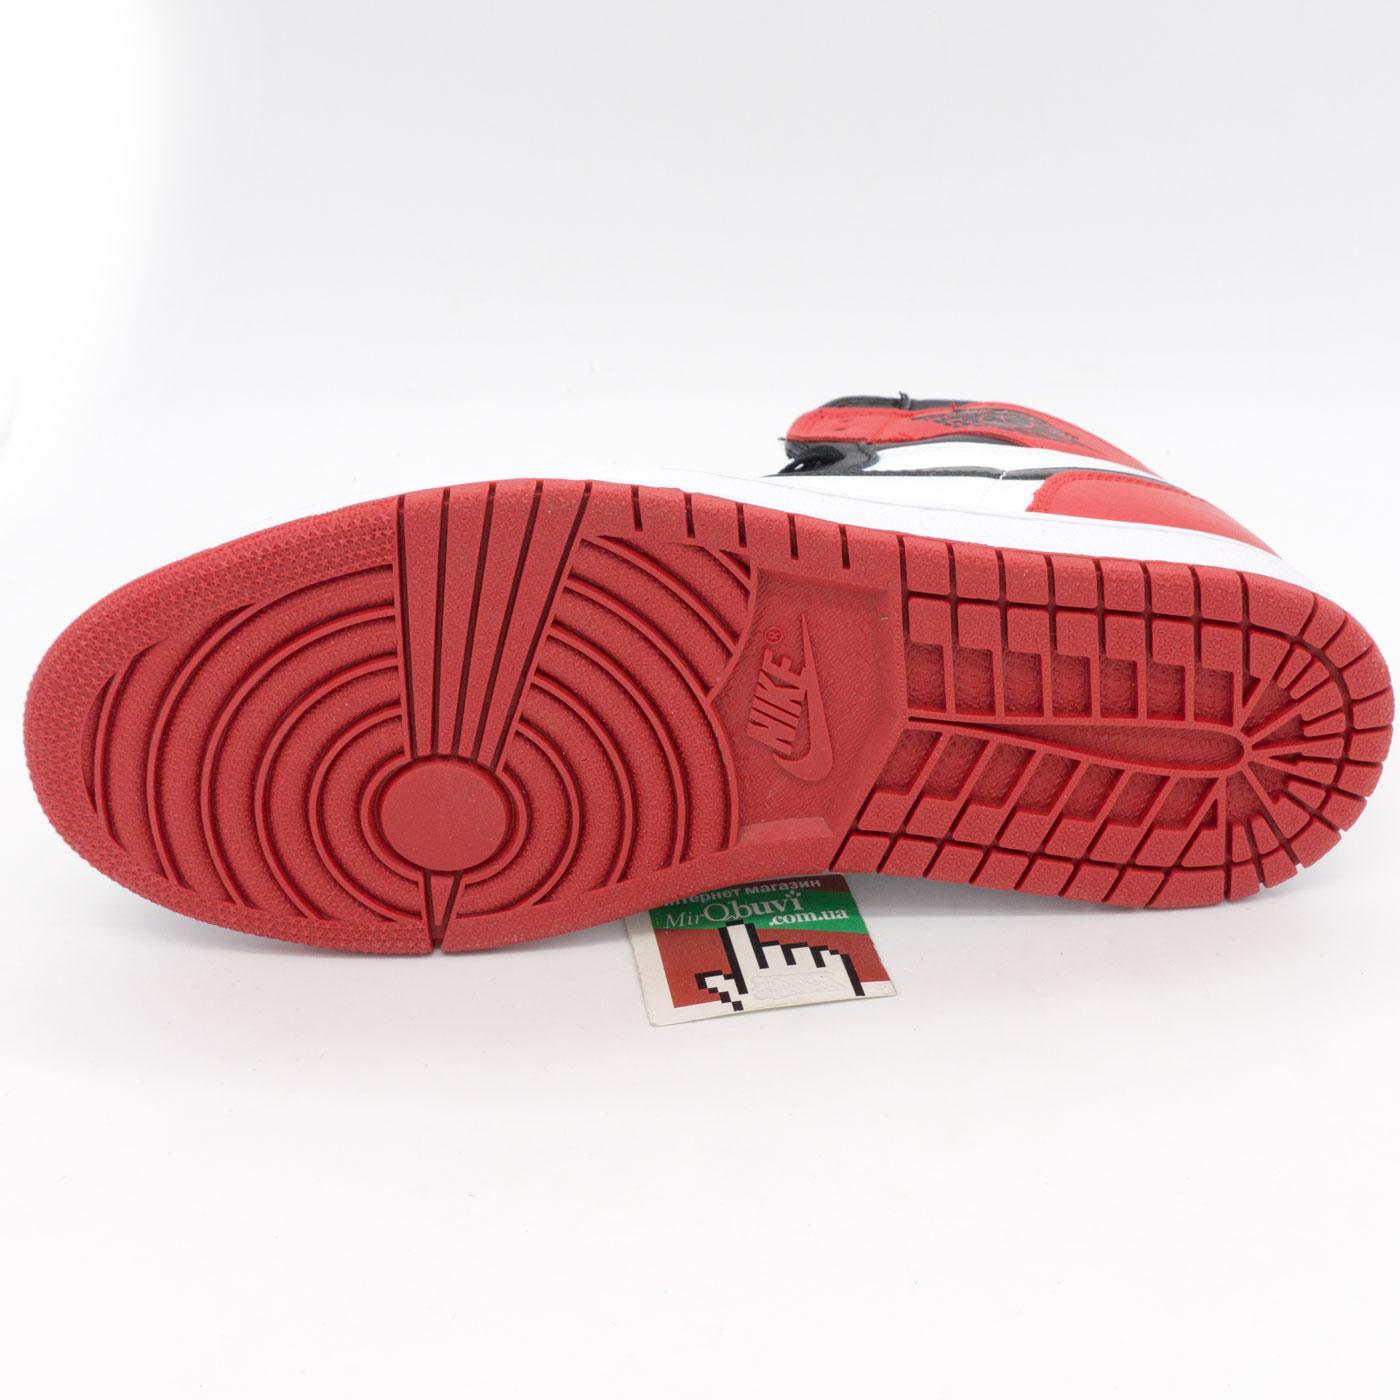 фото back Высокие белым и красным кроссовки Nike Air Jordan 1. Топ качество! back